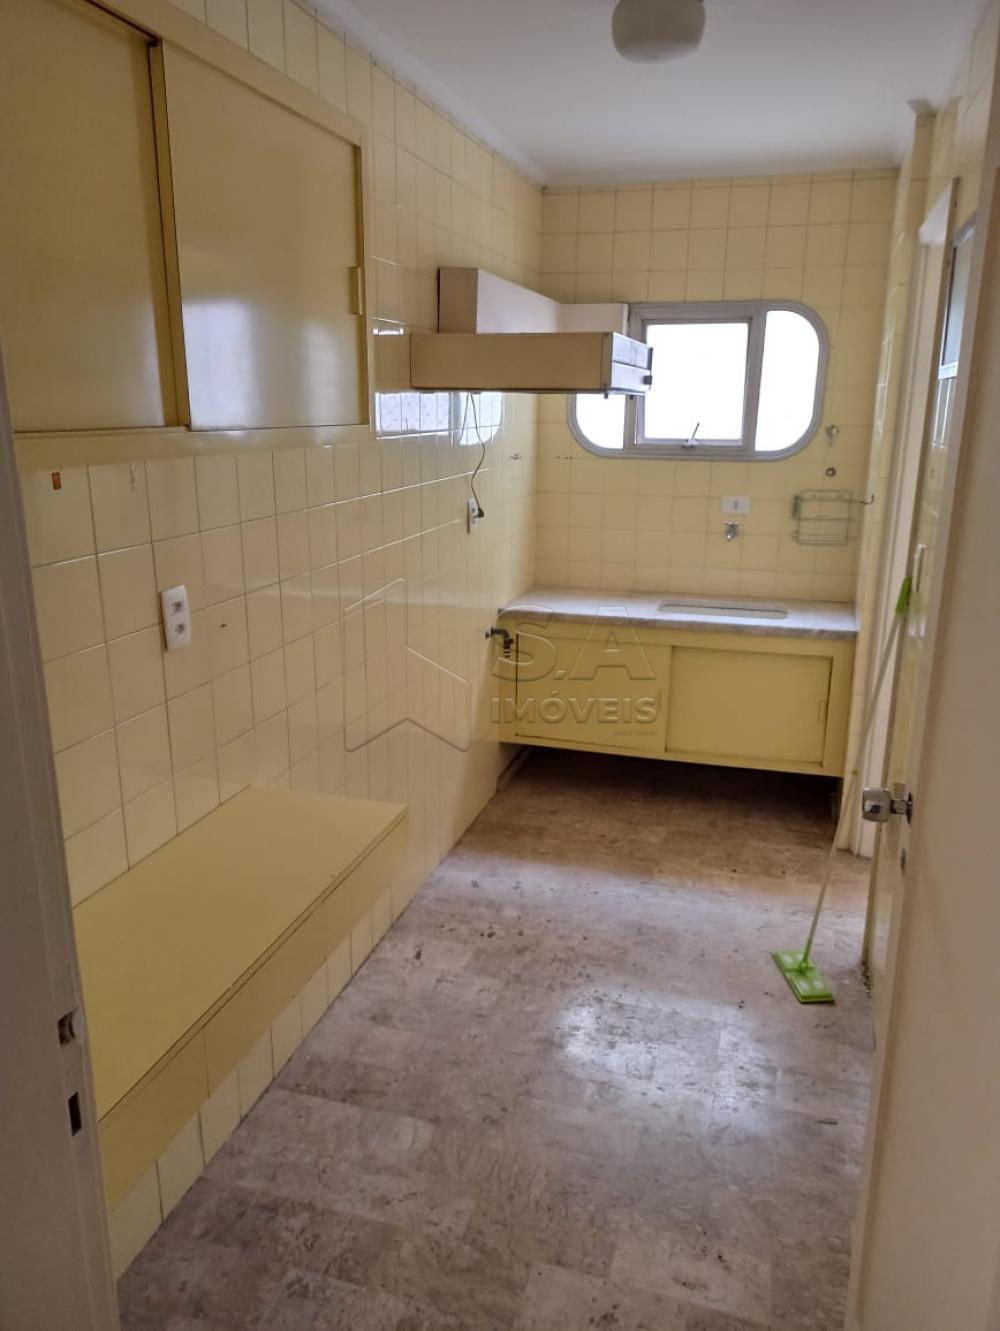 Comprar Apartamento / Padrão em São Paulo apenas R$ 650.000,00 - Foto 11